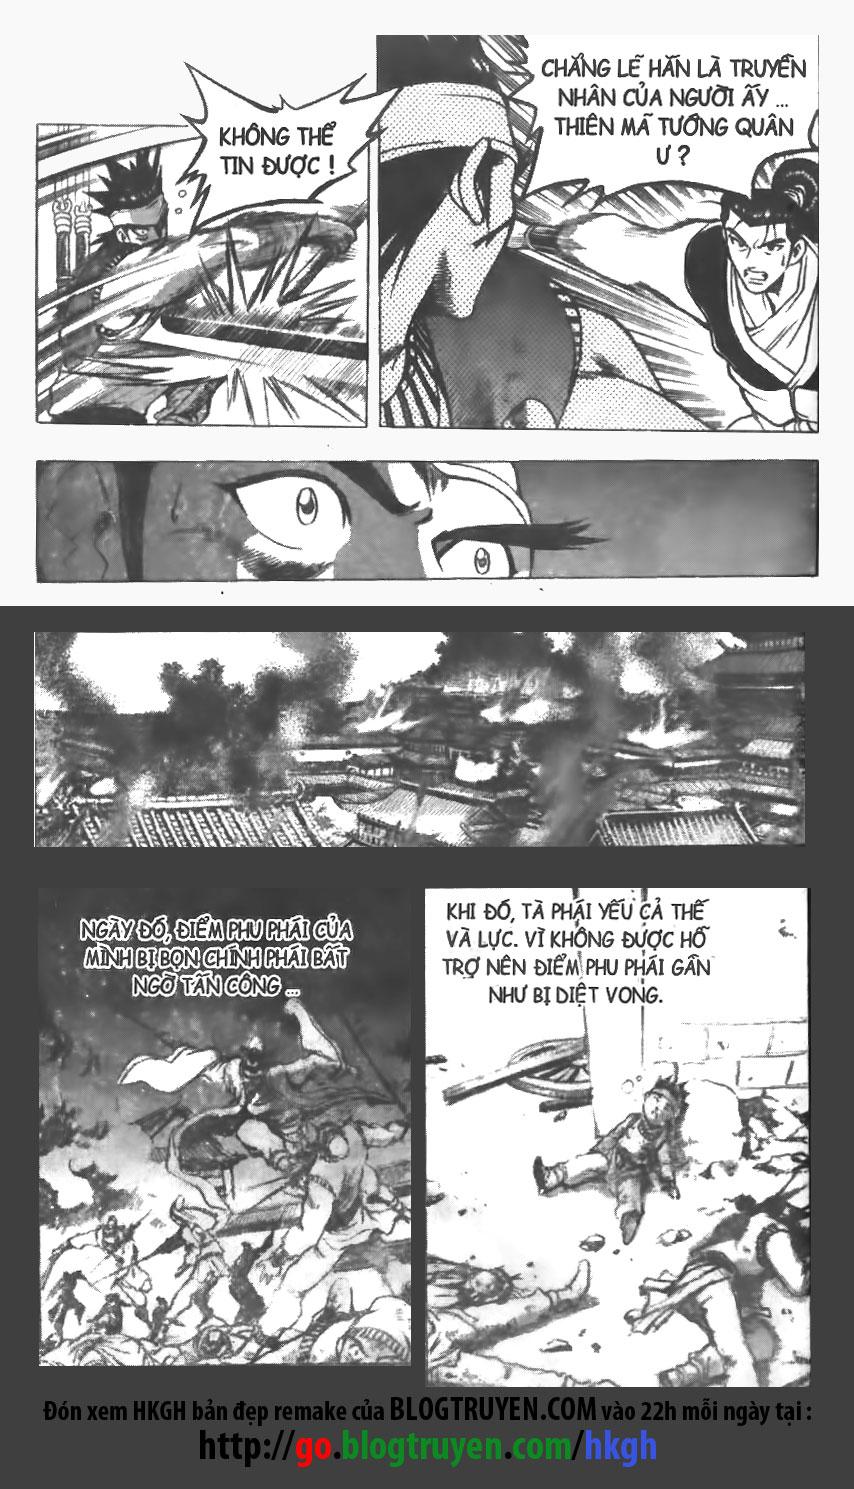 xem truyen moi - Hiệp Khách Giang Hồ Vol19 - Chap 125 - Remake